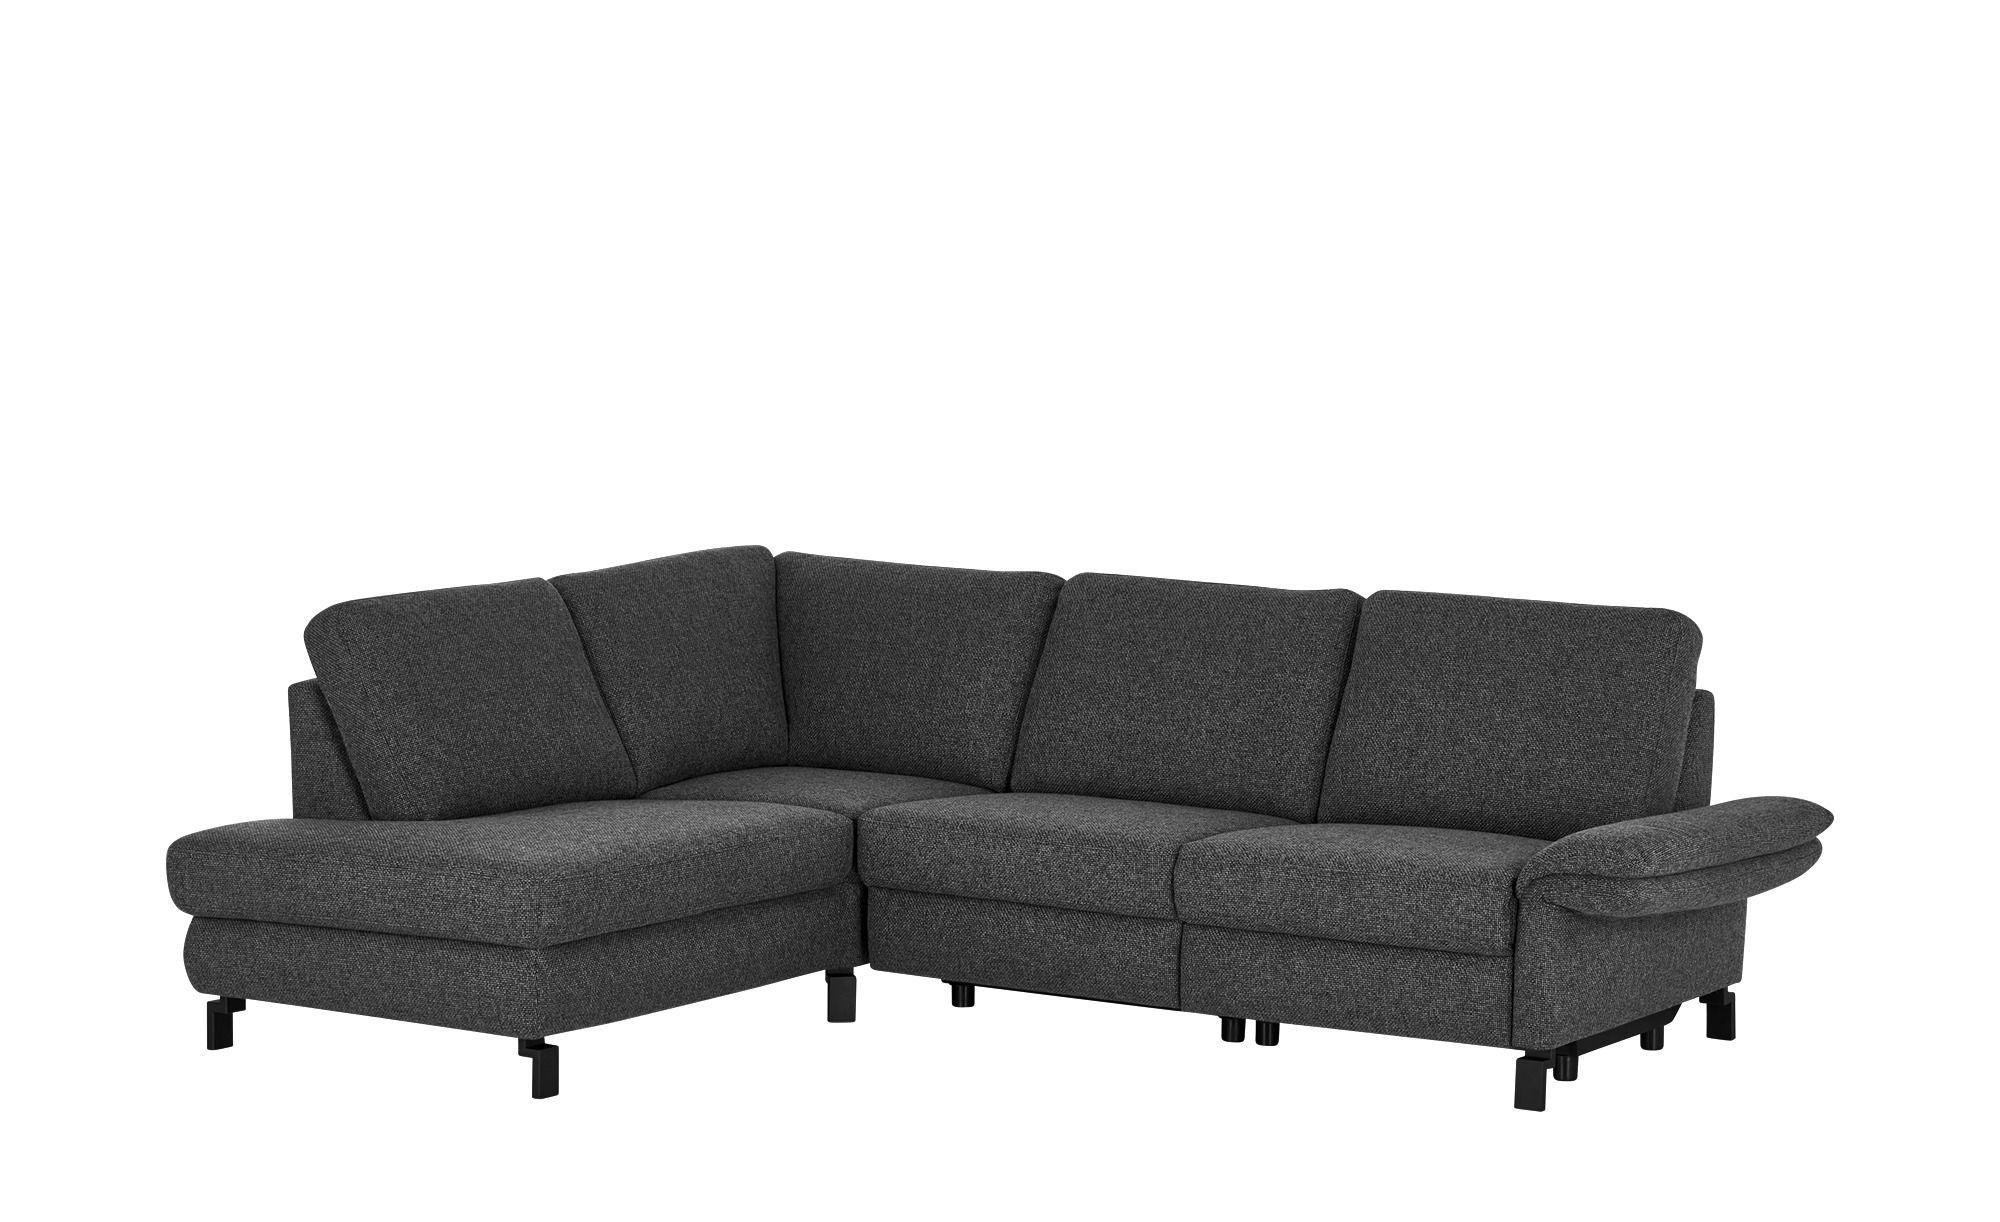 Max Schelling Ecksofa Maximum Plus Ecksofa Sofa Und Sofa Design